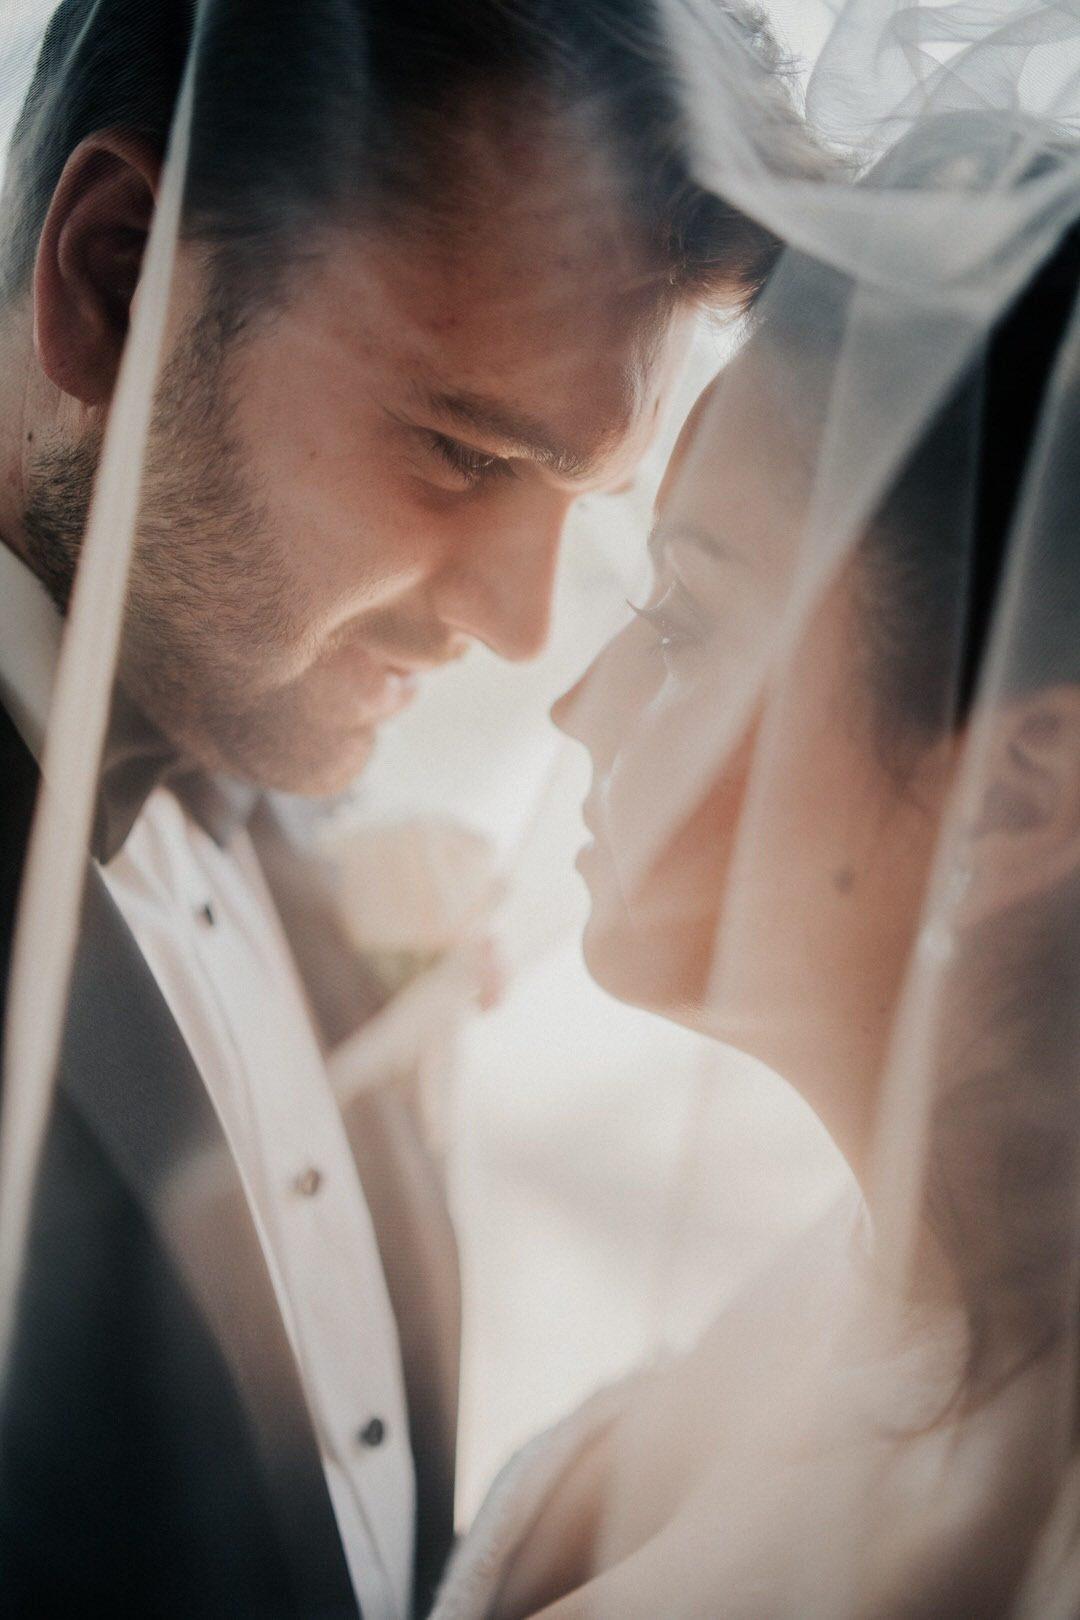 Traidtionelle Ideen für emotionale Hochzeitsfotos unter dem Schleier